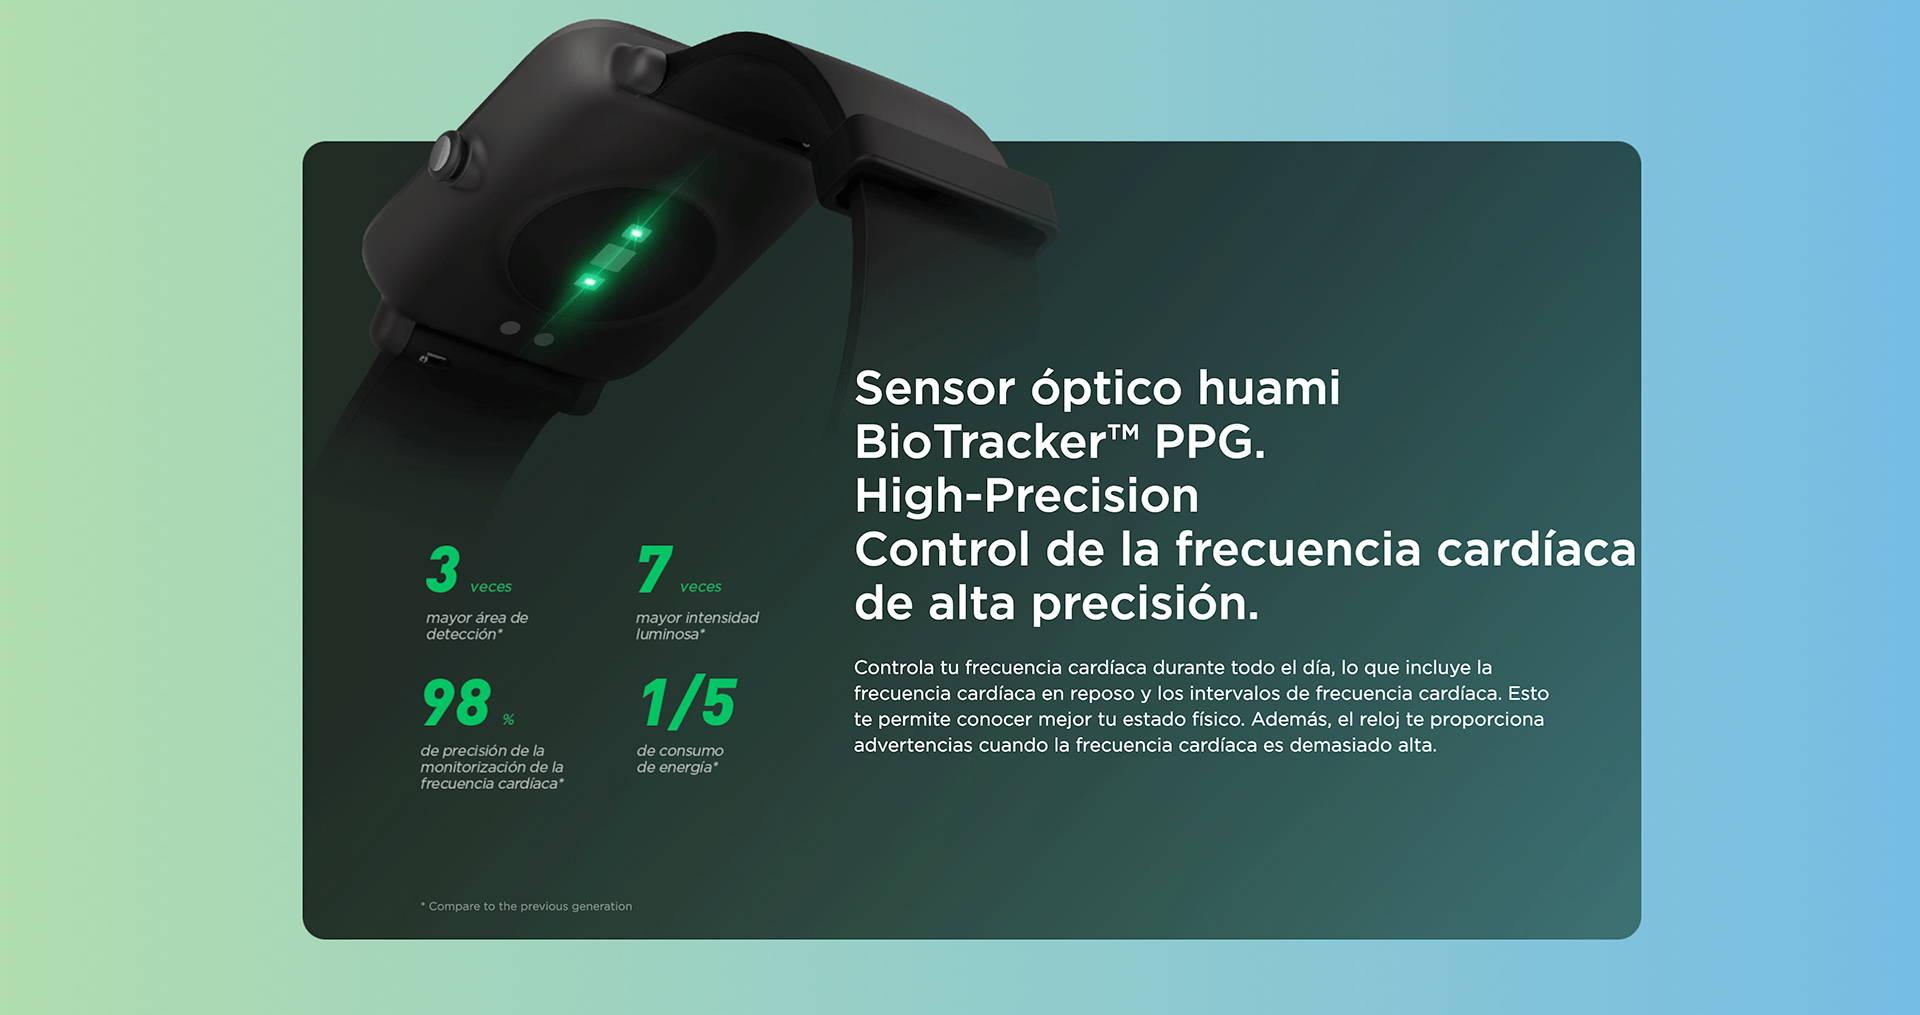 Amazfit ES - Amazfit Bip S Lite - Sensor óptico huami BioTracker™ PPG. | High-Precision Control de la frecuencia cardíaca de alta precisión.